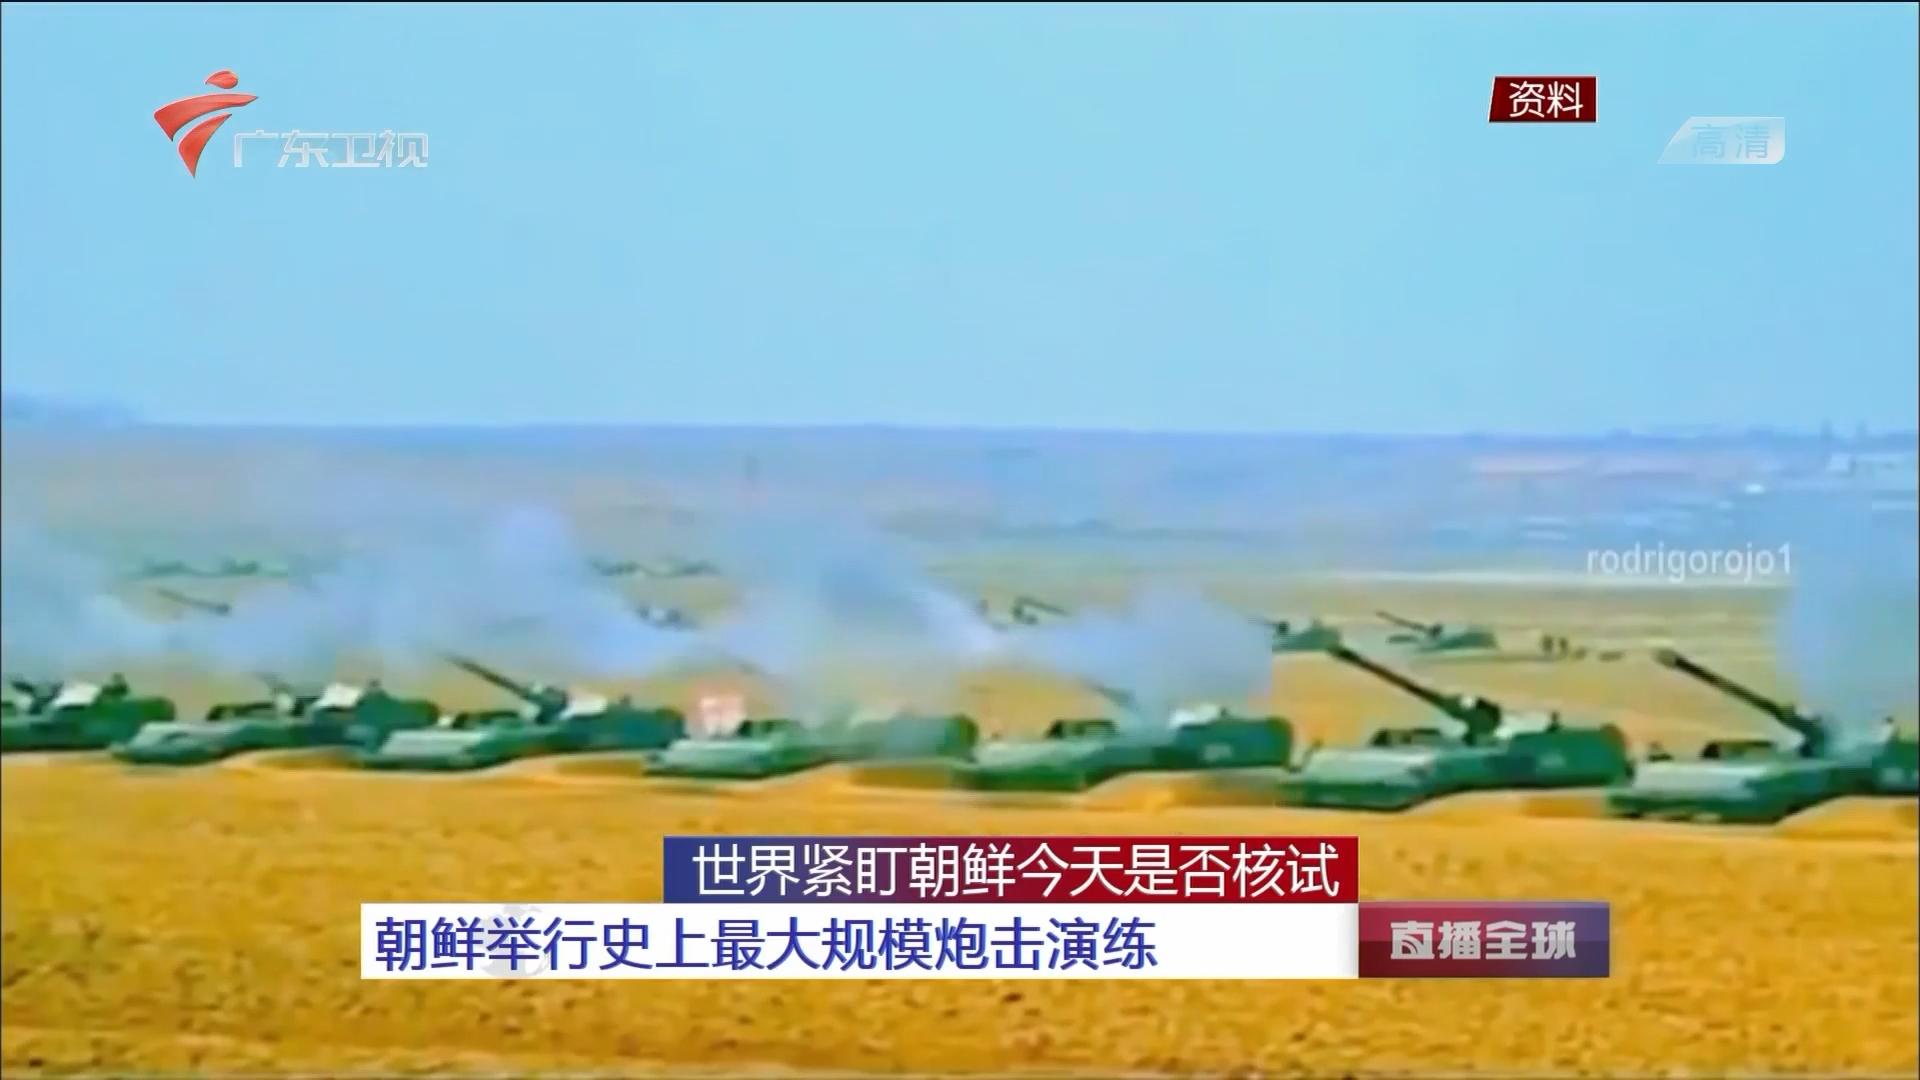 世界紧盯朝鲜今天是否核试 朝鲜举行史上最大规模炮击演练